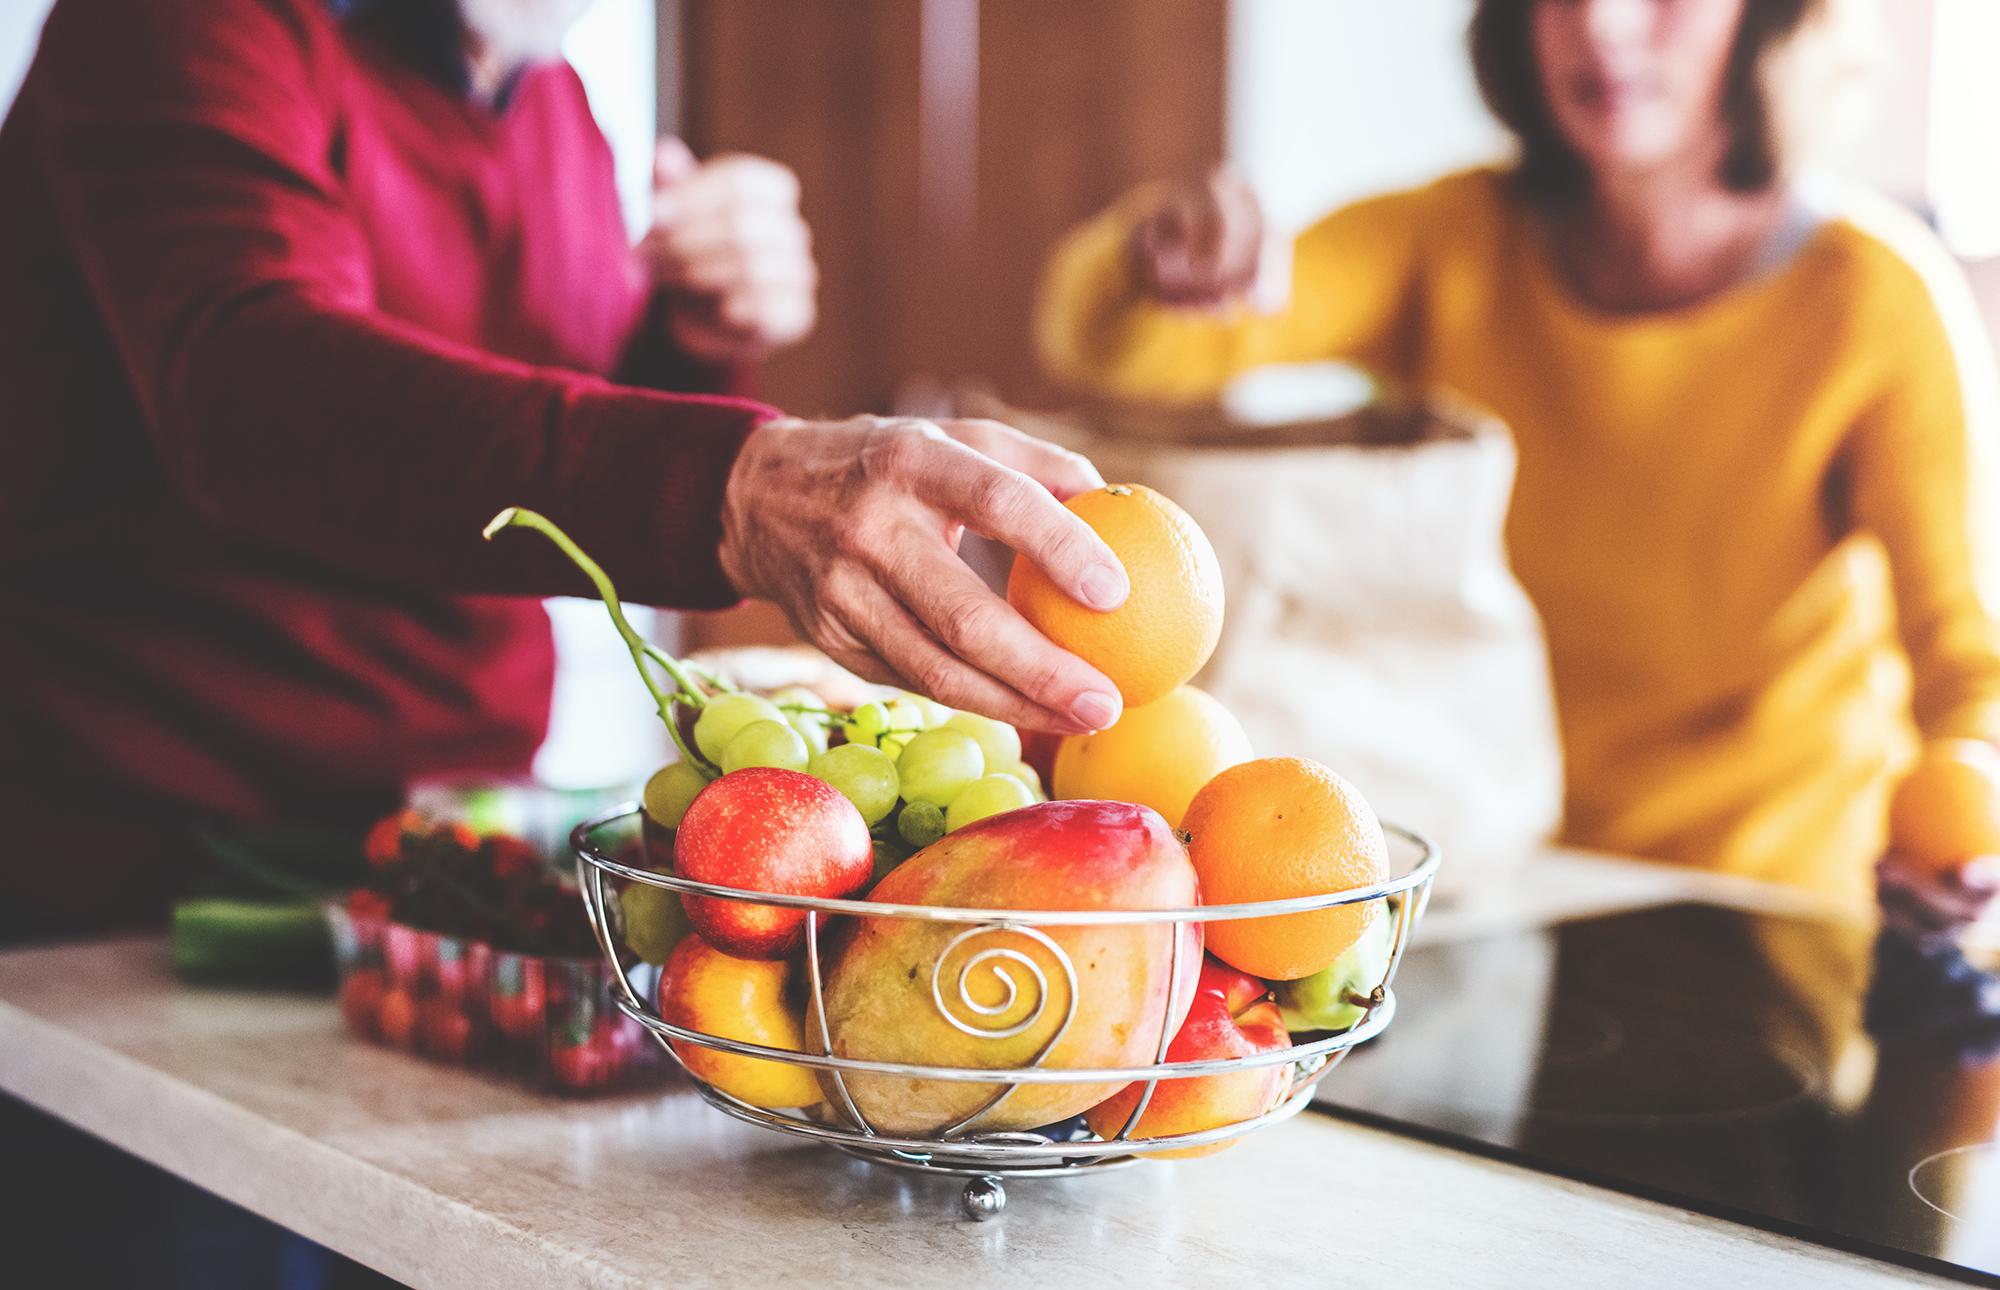 Seniors unpacking fruit in a bowl for healthy senior diet